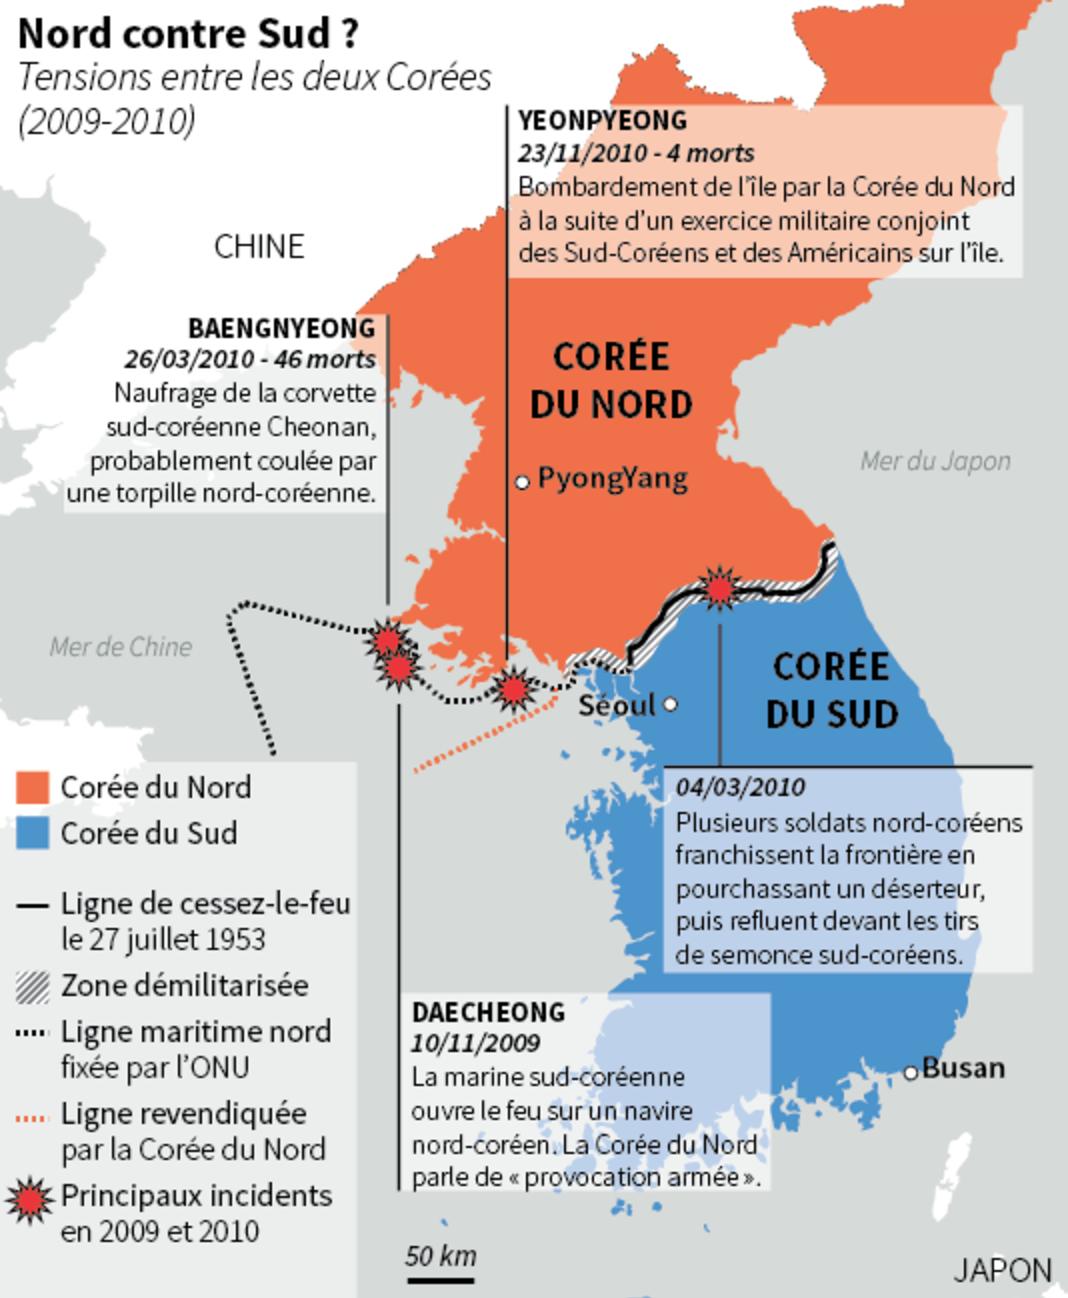 Scontri tra la Corea del Sud e del Nord tra il 2009 e il 2010